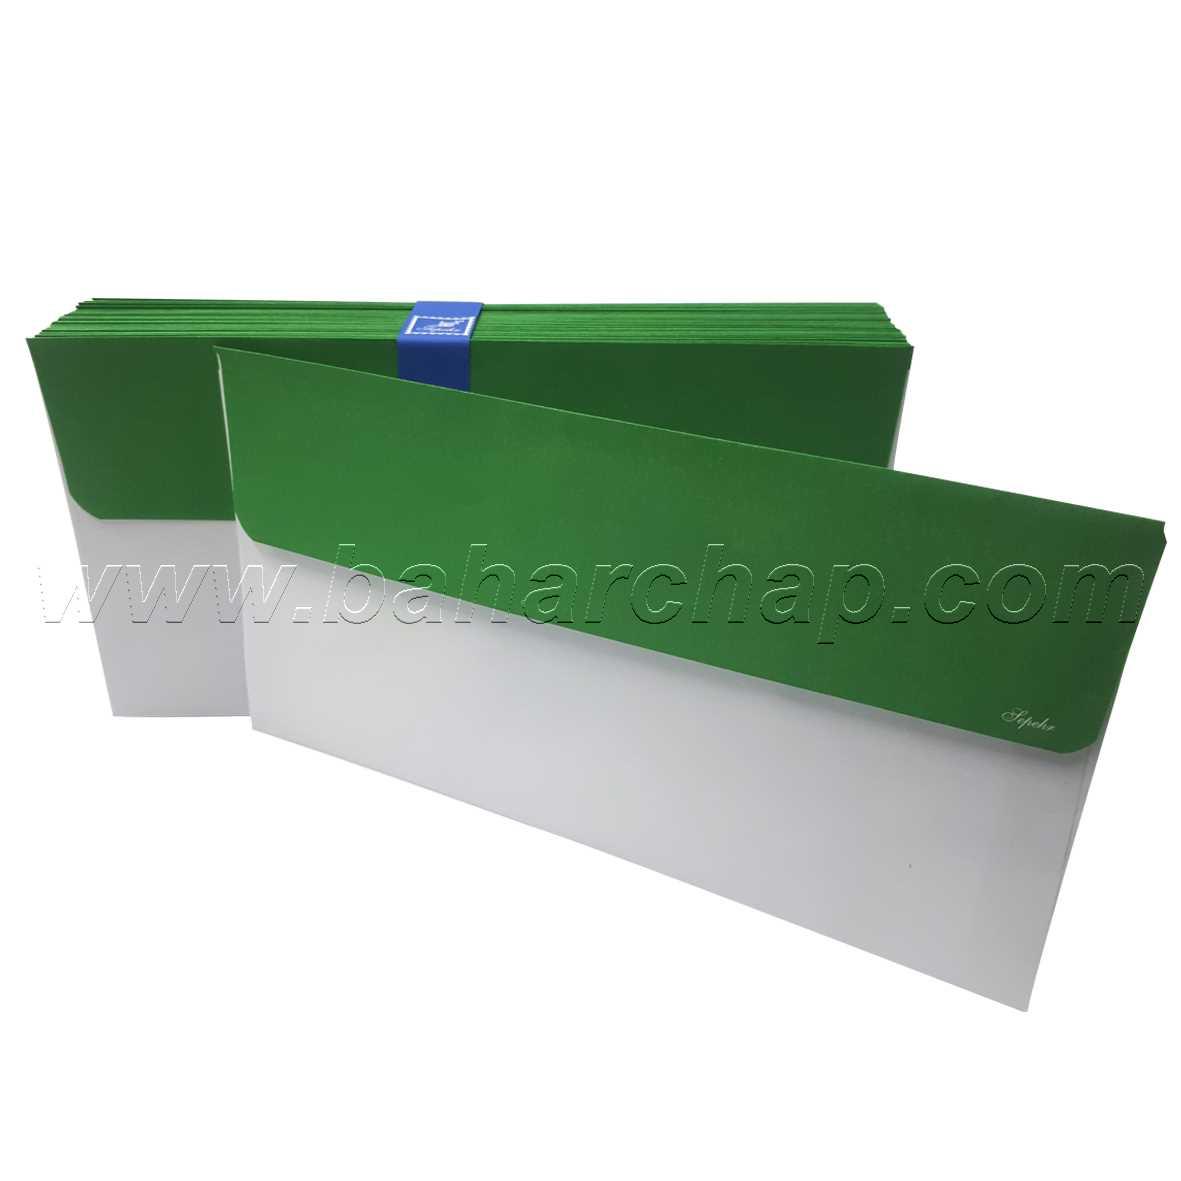 فروشگاه و خدمات اینترنتی بهارچاپ اصفهان-پاکت ملخی لب رنگ سبز-envelope 22*11